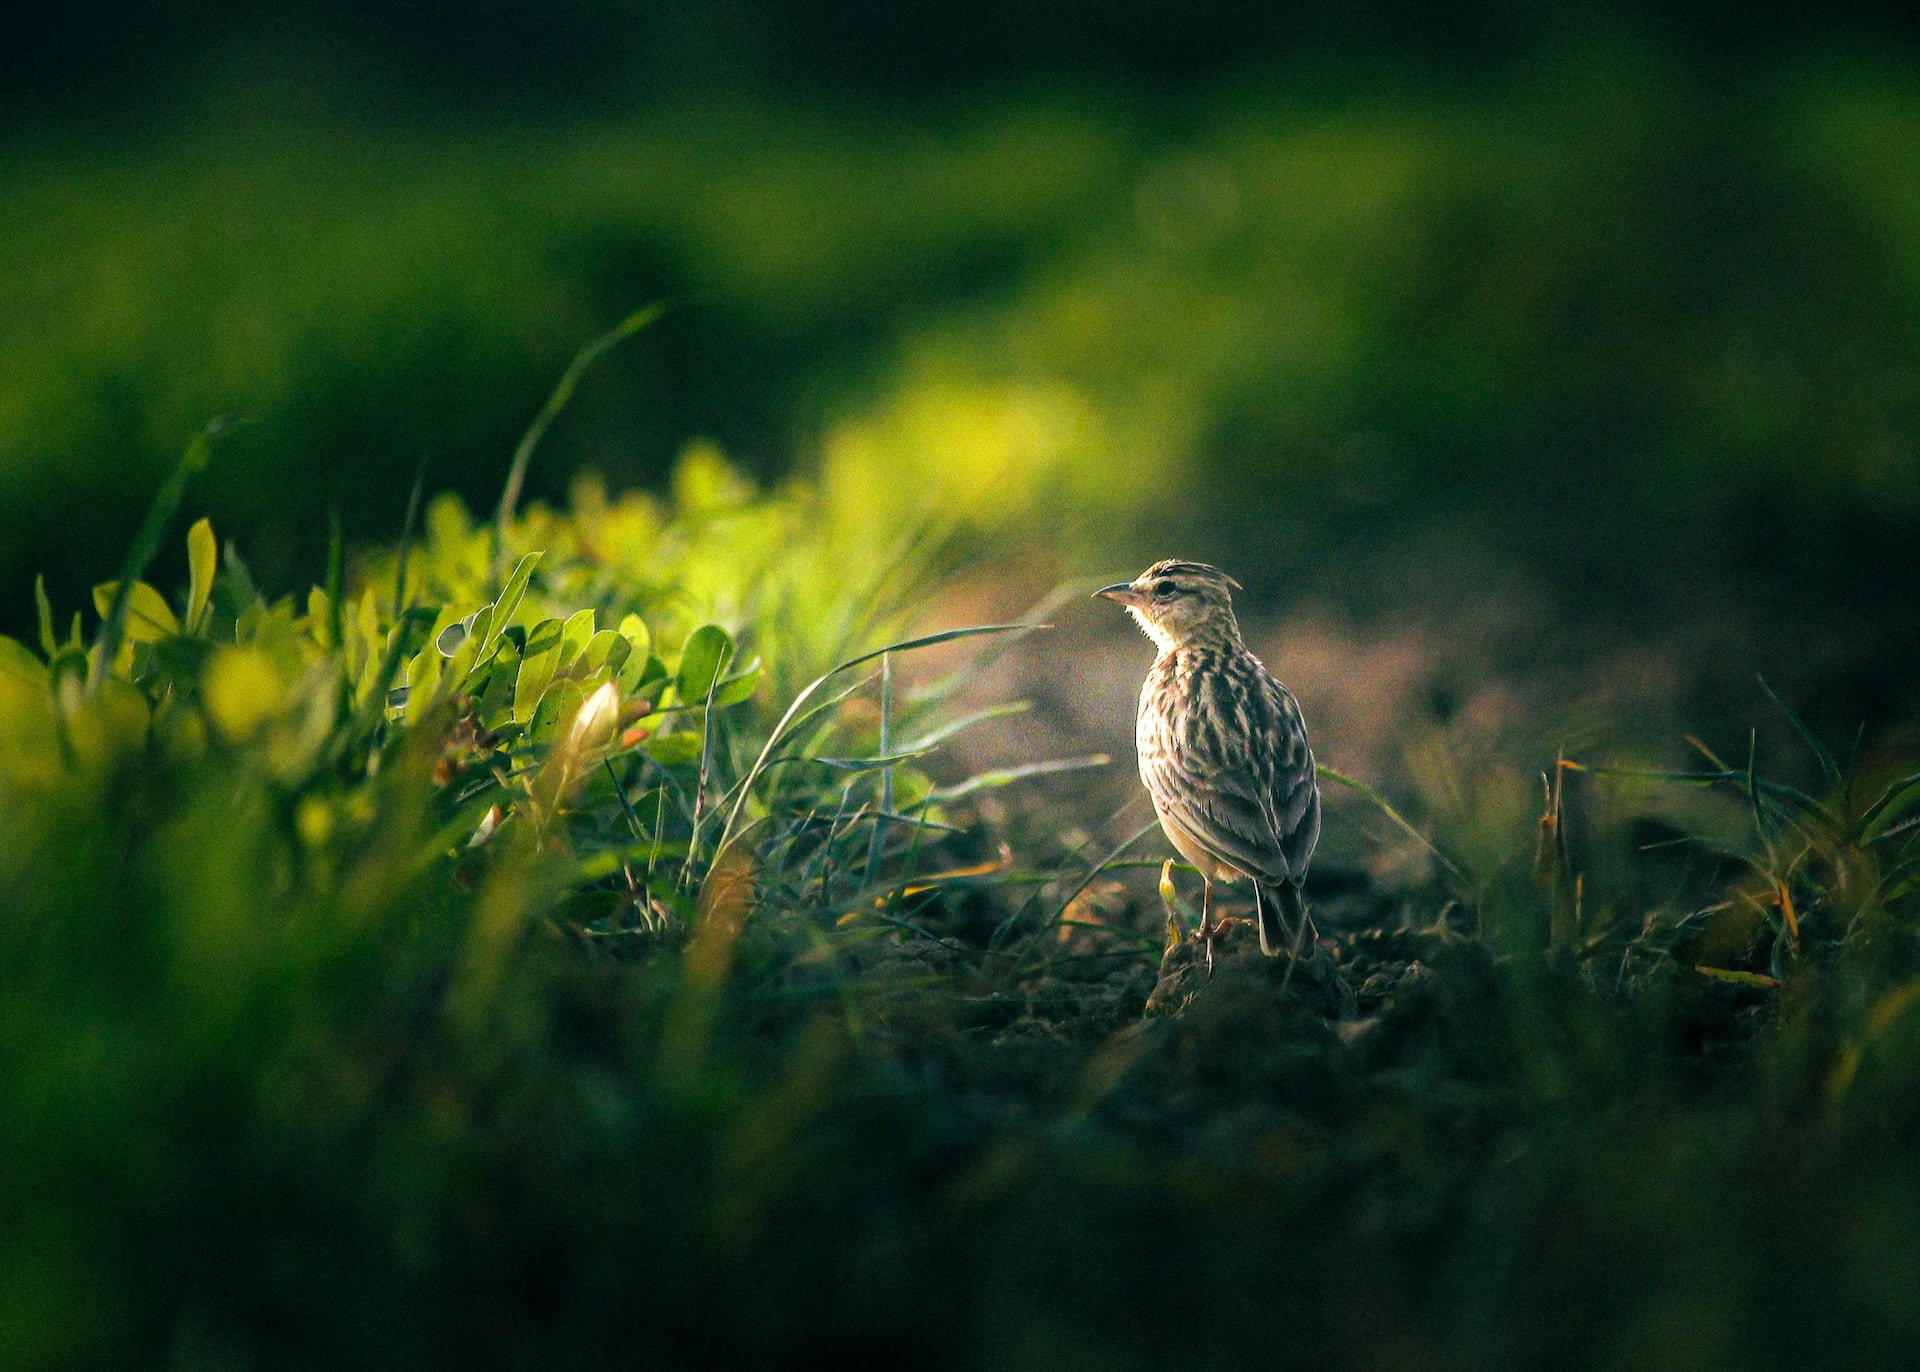 Skřivaní políčka - photo by Jalpa Malam / Shutterstock.com